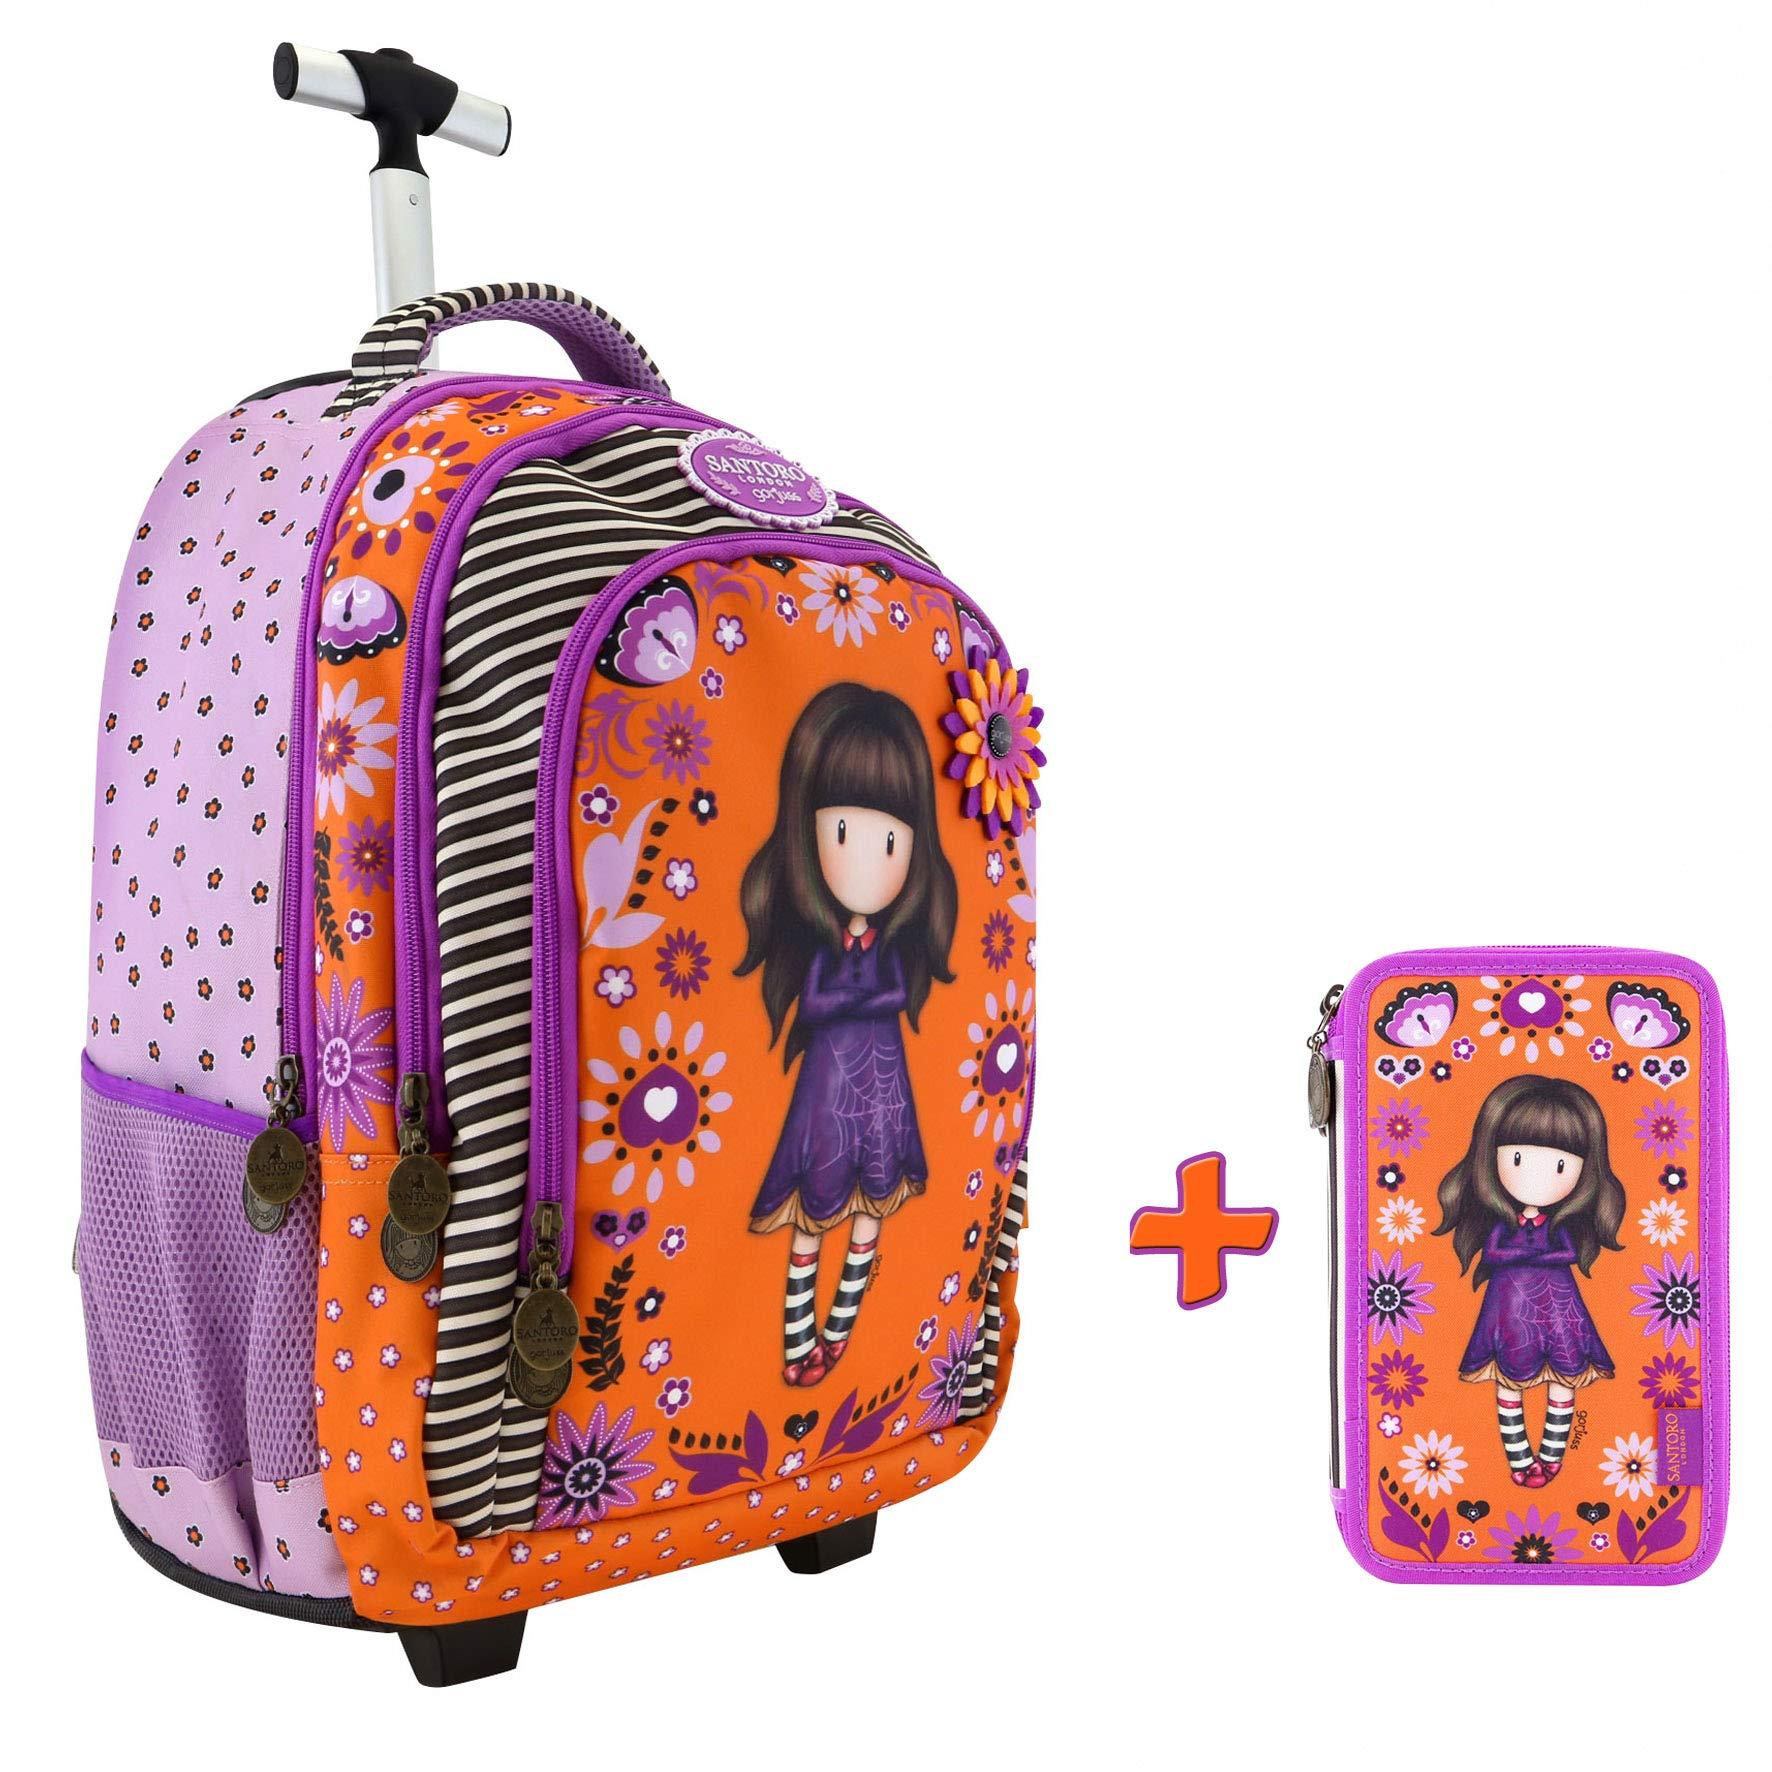 nuova collezione 7574f d7f1e Santoro Gorjuss Schoolpack Zaino Trolley + Astuccio 3 Cerneiere Completo Di  Cancelleria Collezione Scuola 2019-20 - FACESHOPPING